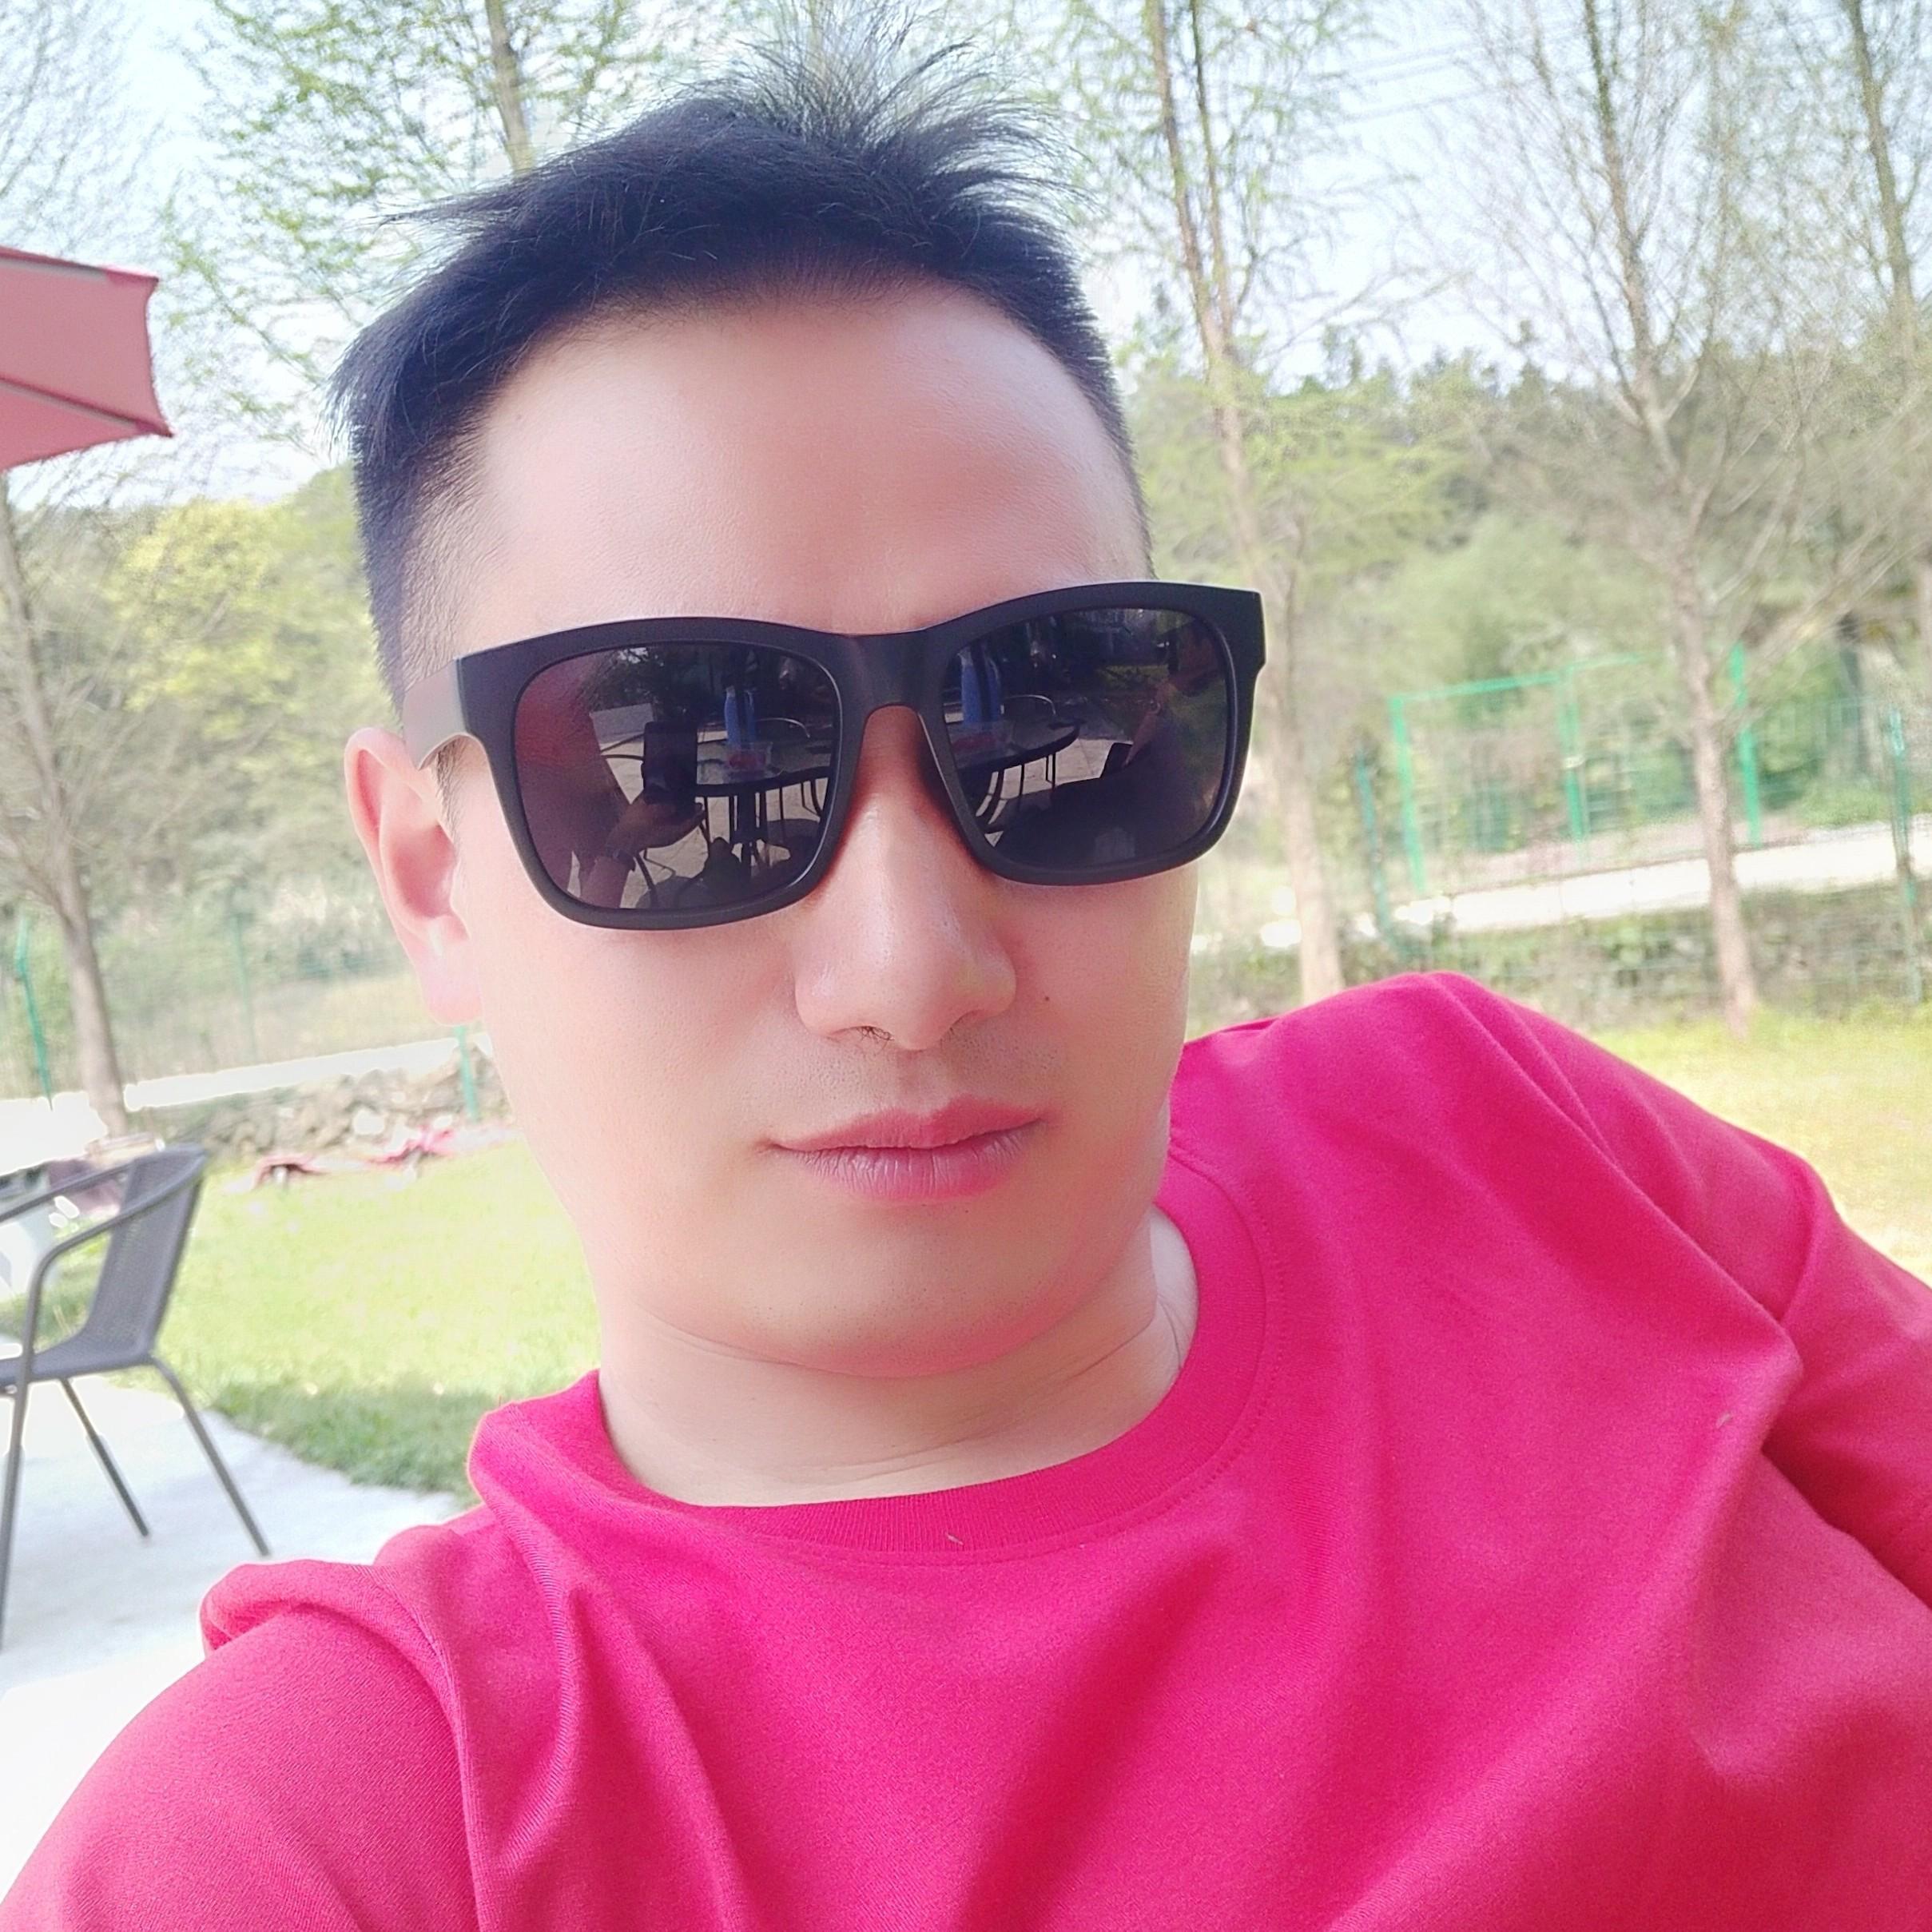 温州金祺贸易有限公司业务主管侯云亮照片